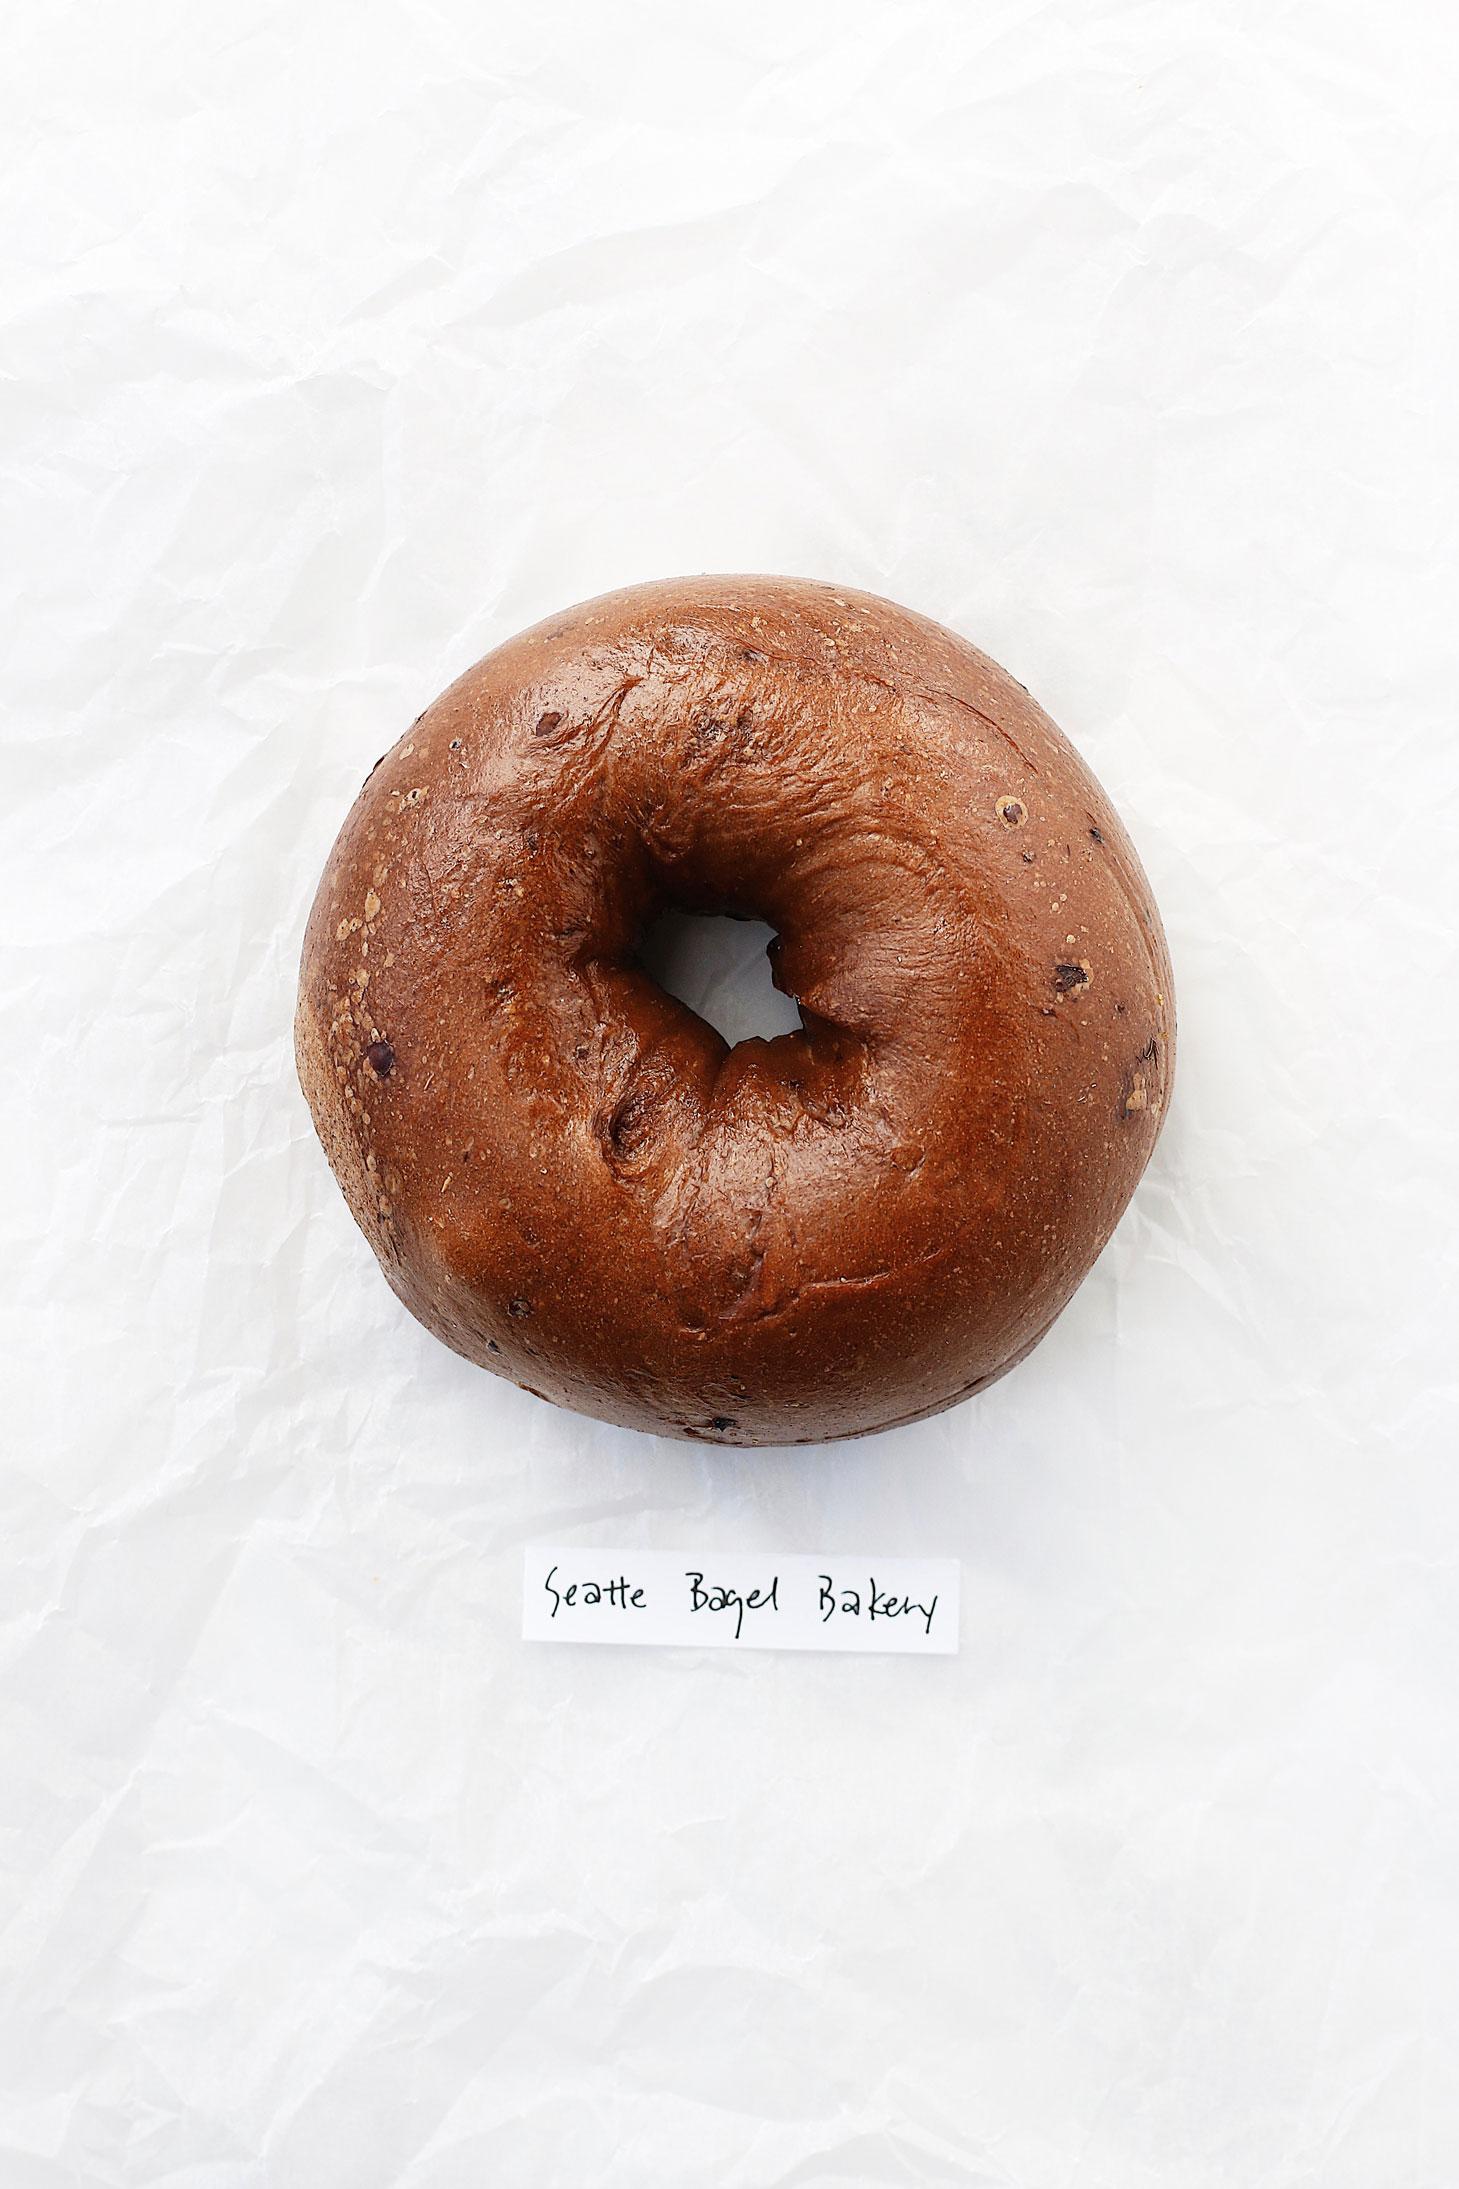 best-bagel-in-seattle-great-bagel-off-seattle-bagel-bakery-cinnamon-raisin